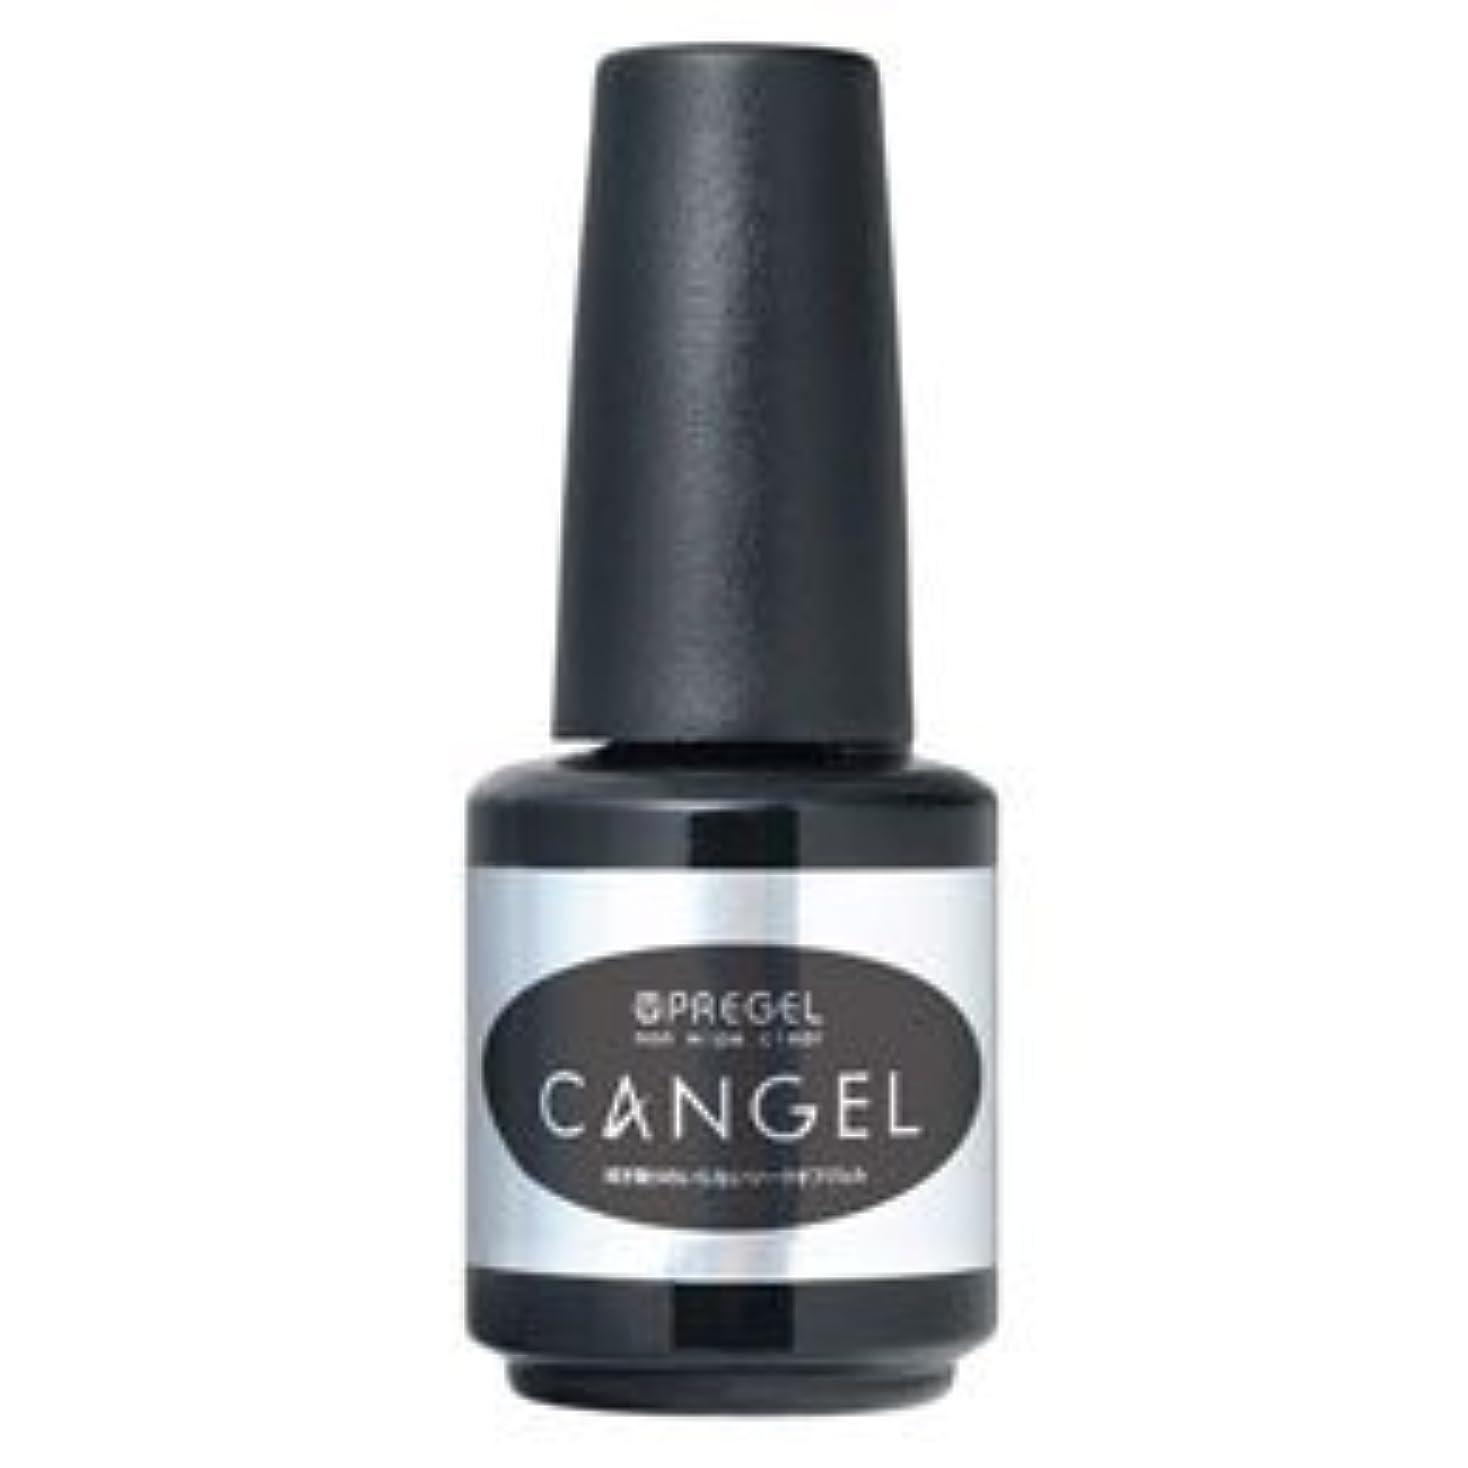 シャイニングフェデレーション混合PRE GEL ノンワイプクリア キャンジェル 14g PG-CAN-14